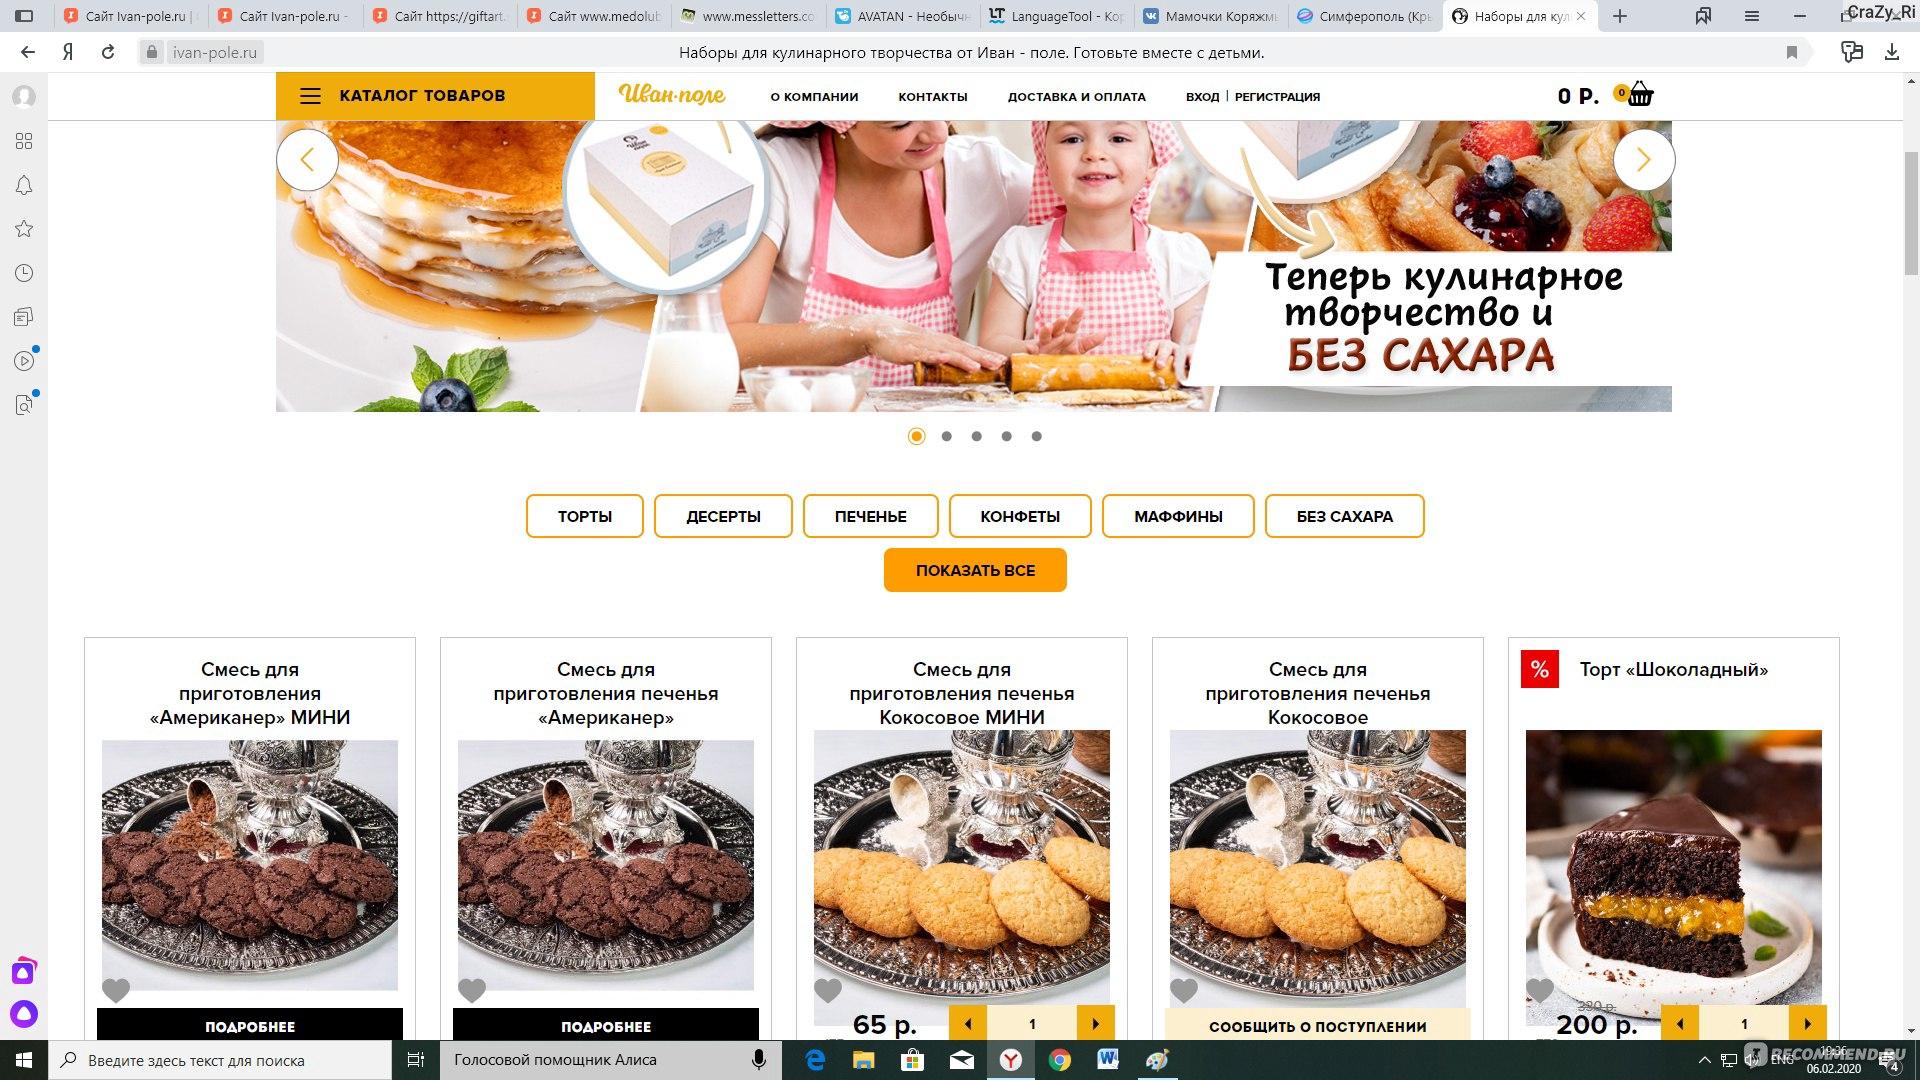 Сайт айван кора косметика где купить в курске